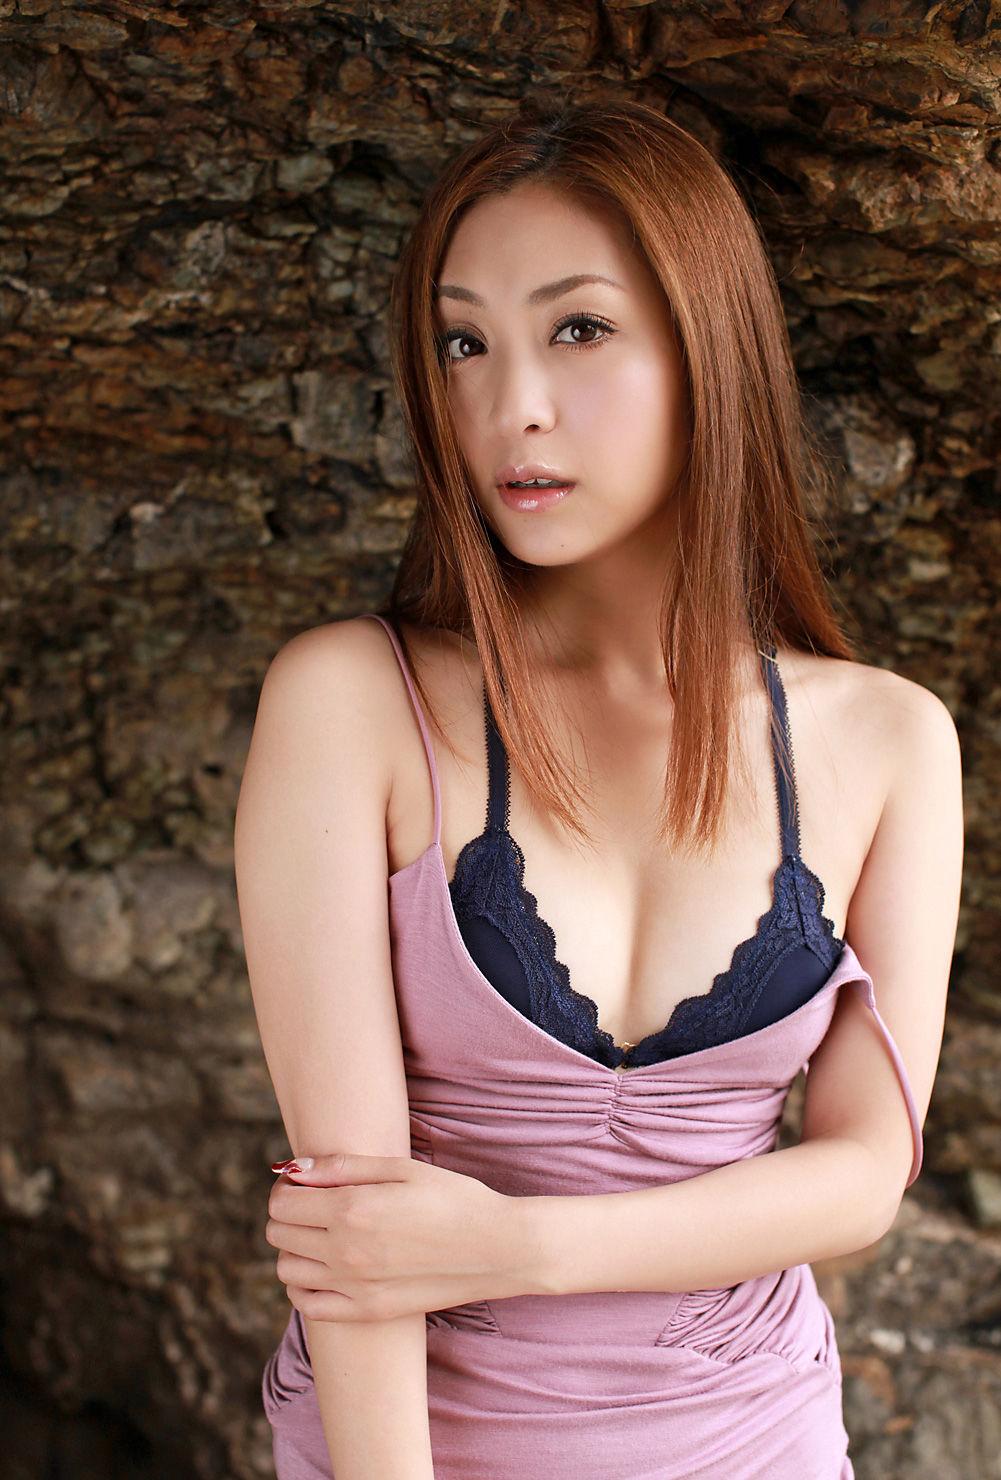 辰巳奈都子 画像 42